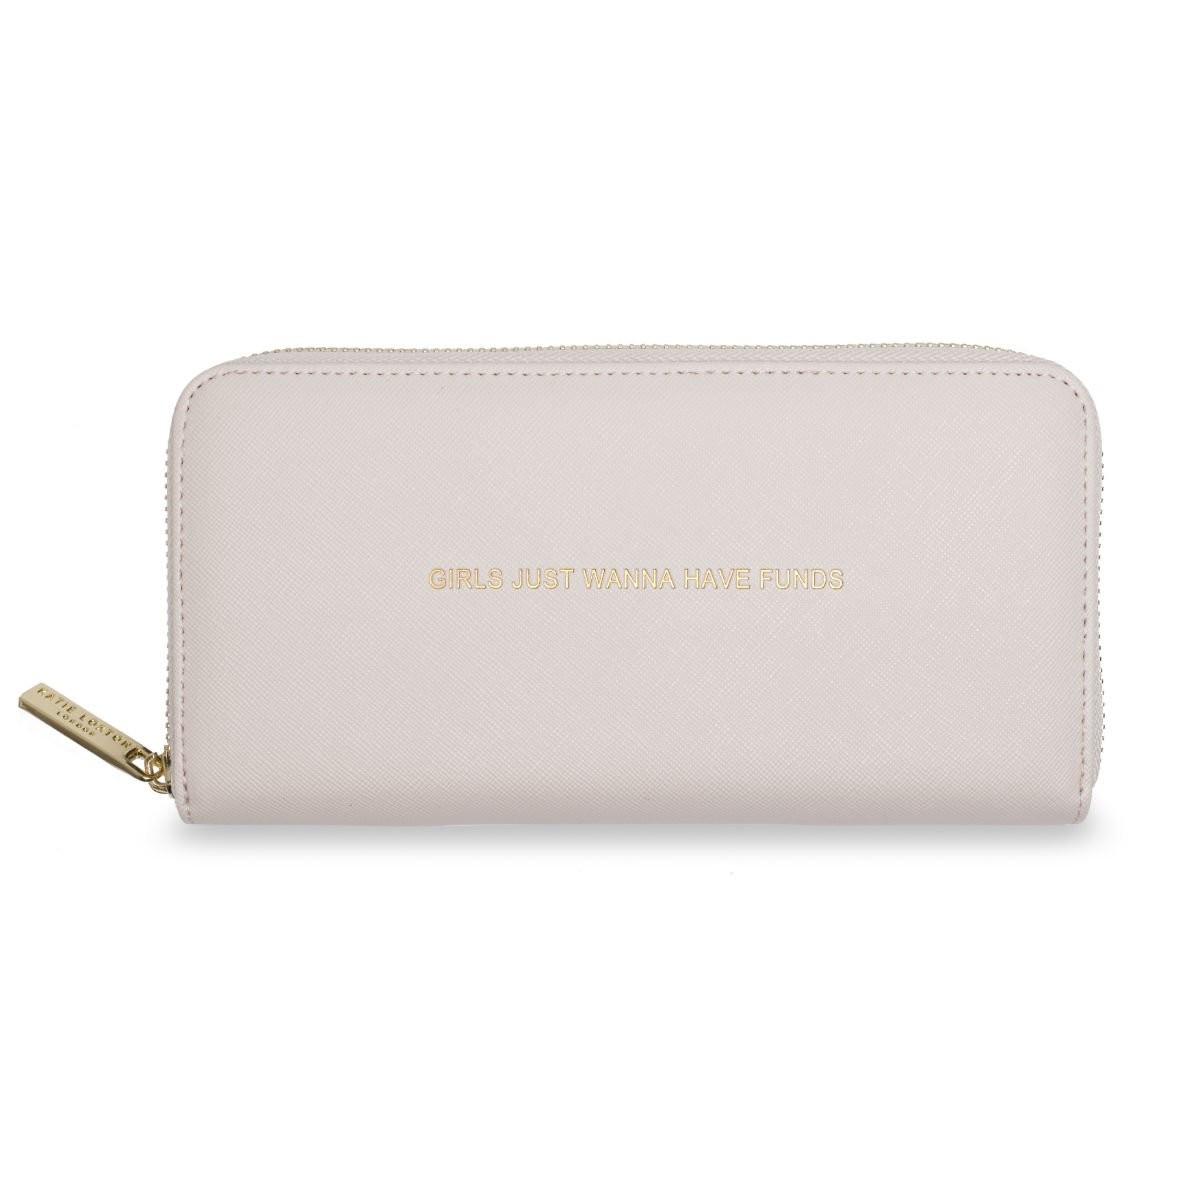 Světle růžová peněženka Katie Loxton - Girls Just Wanna Have Funds